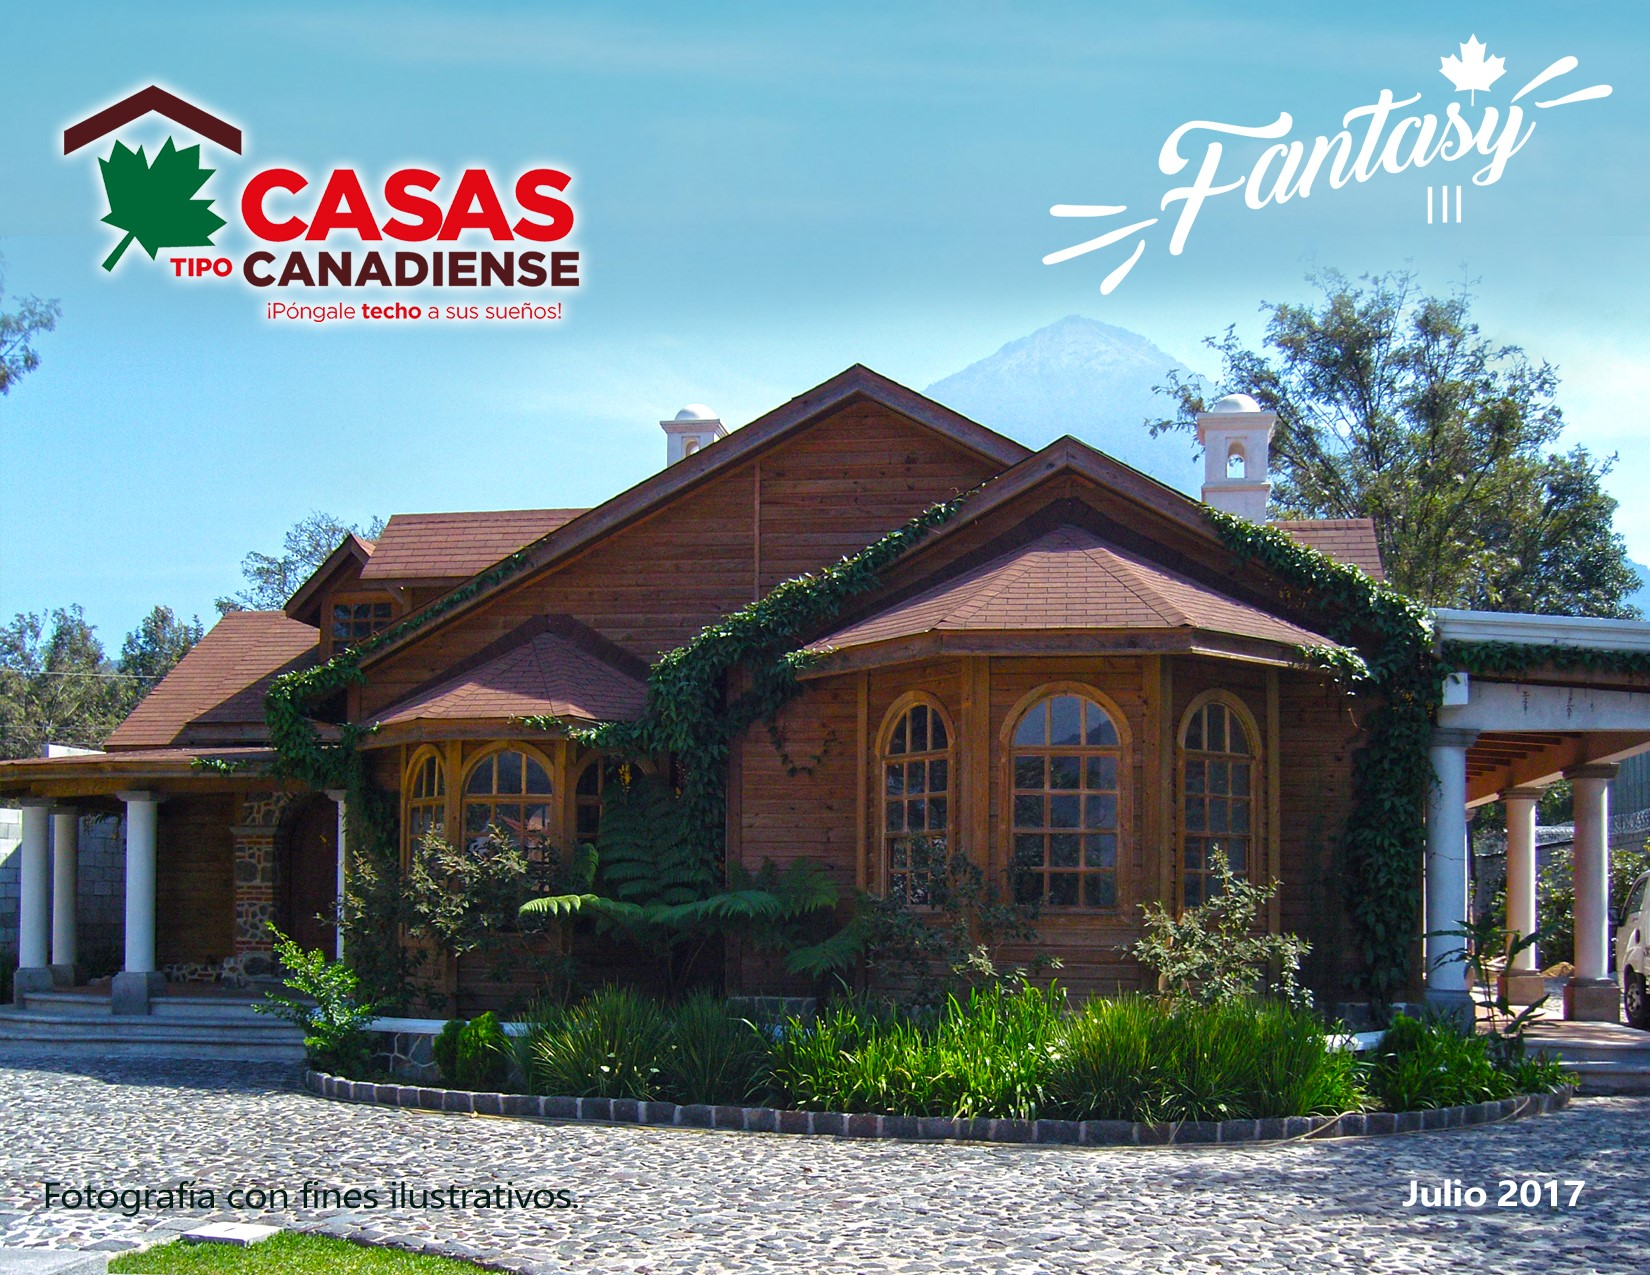 Modelo fantasy iii casas tipo canadienses for Casas canadienses